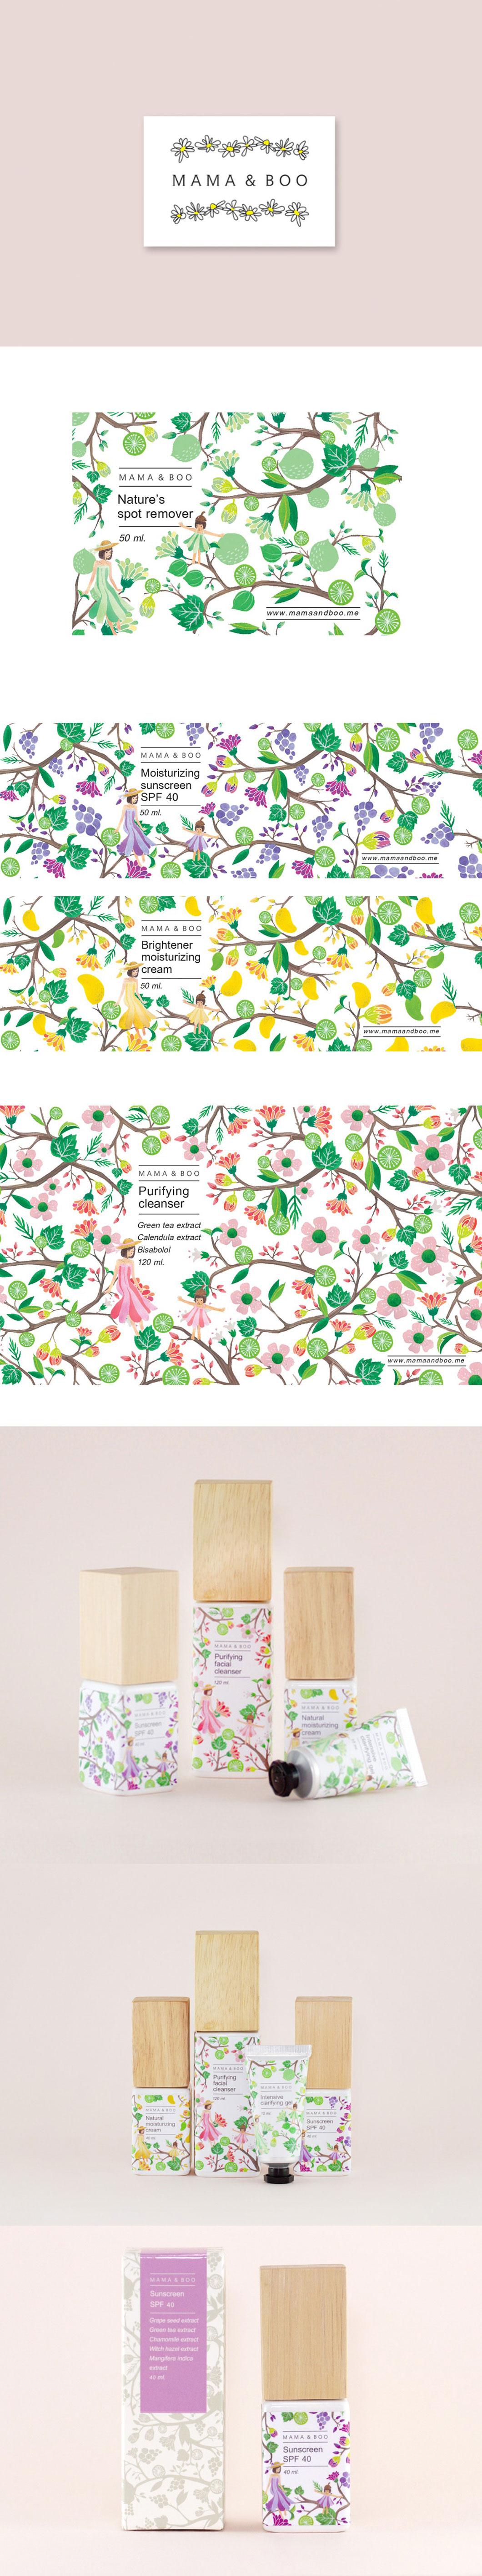 設計師設計簡約風格的插畫化妝品包裝